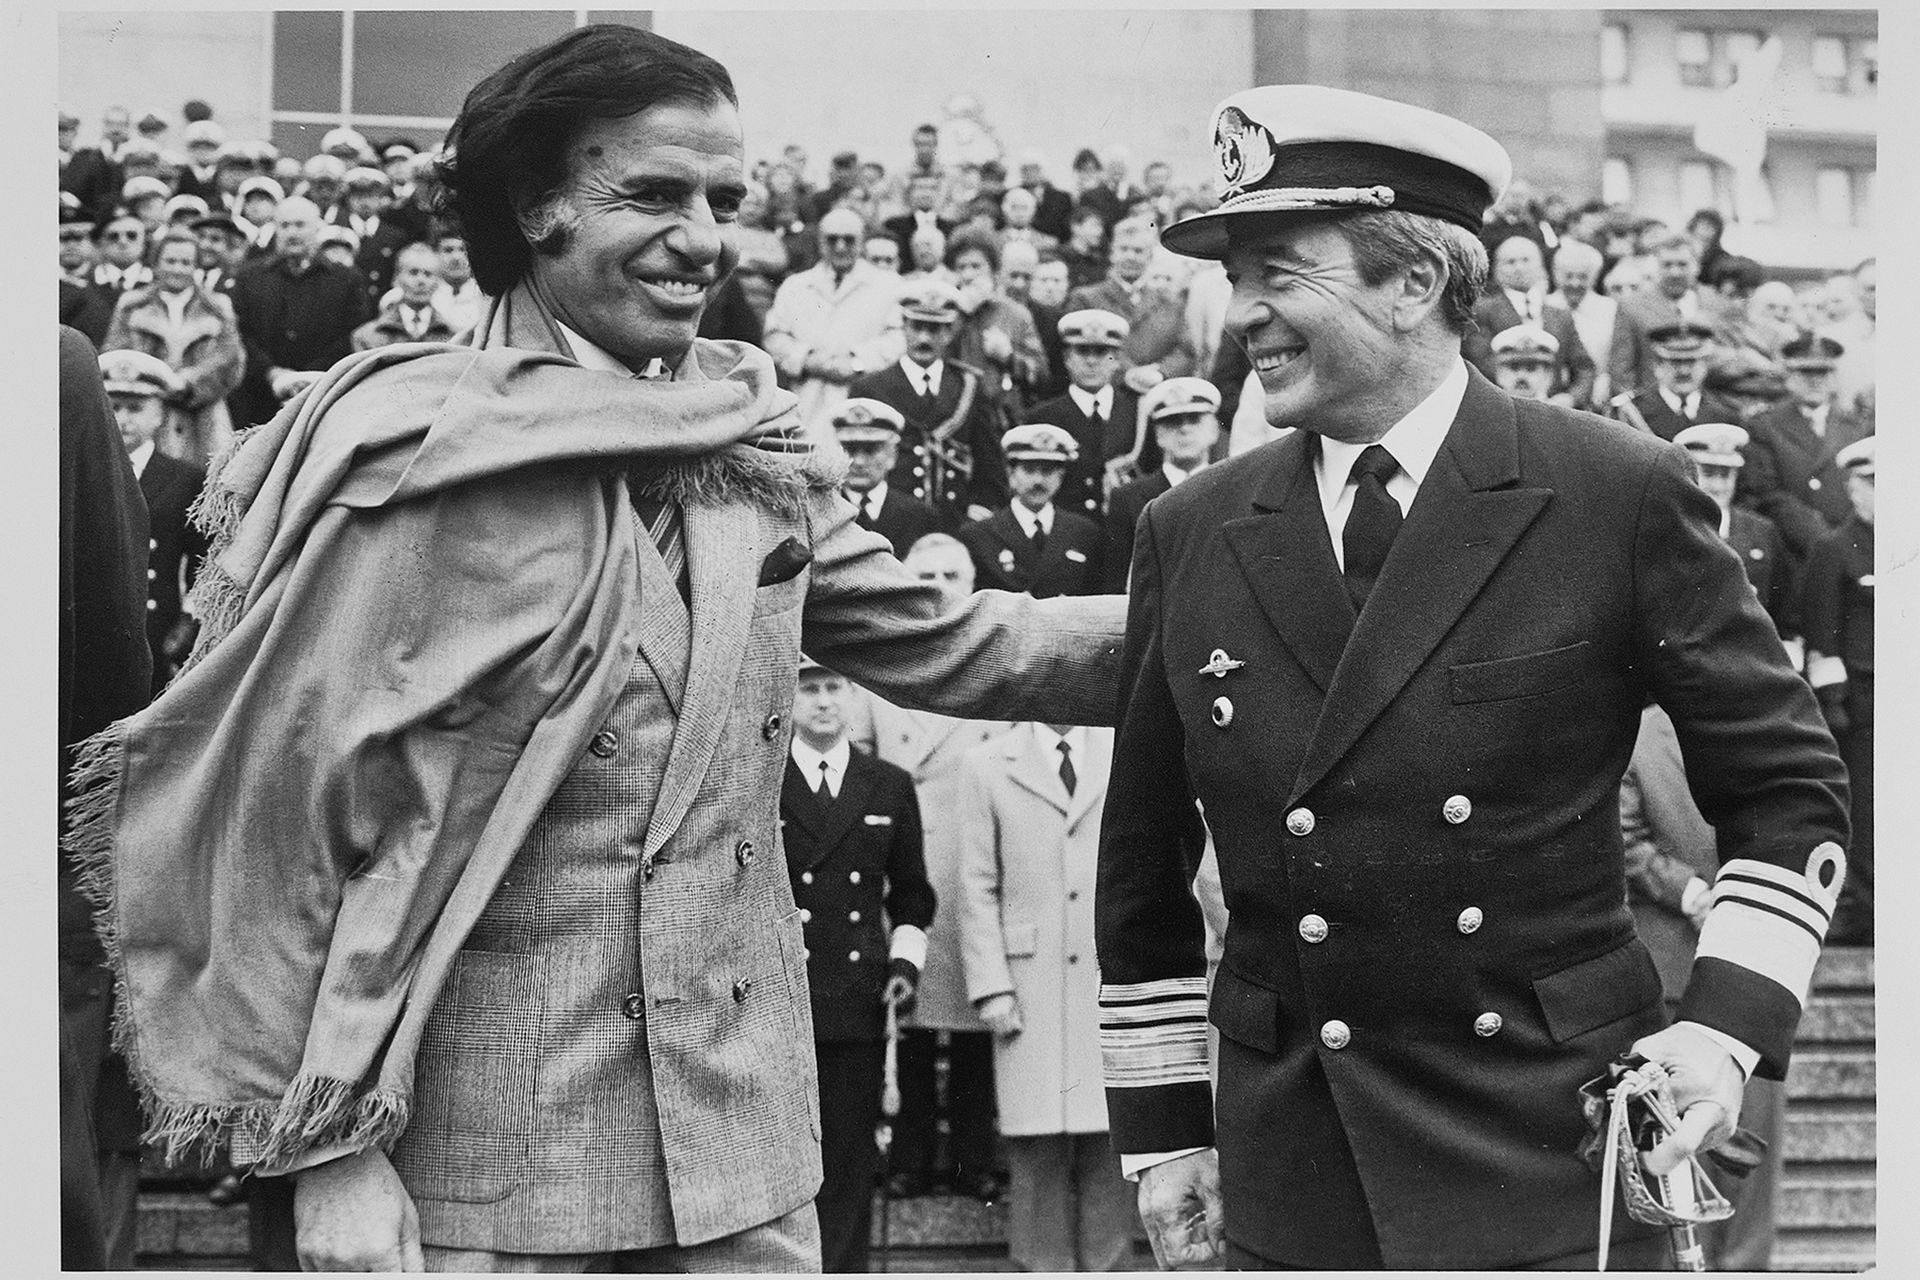 Menem y Ferrer en el acto por el día de la armada, el 17 de mayo de 1990 Reproducciones que pertenecieron al archivo de Tiempo Argentino, Cronista Comercial y La Opinión. Muchas son de las agencias DyN y Telam. Corresponden a la década del 70 y 80. Hernán Zenteno/Reproducción